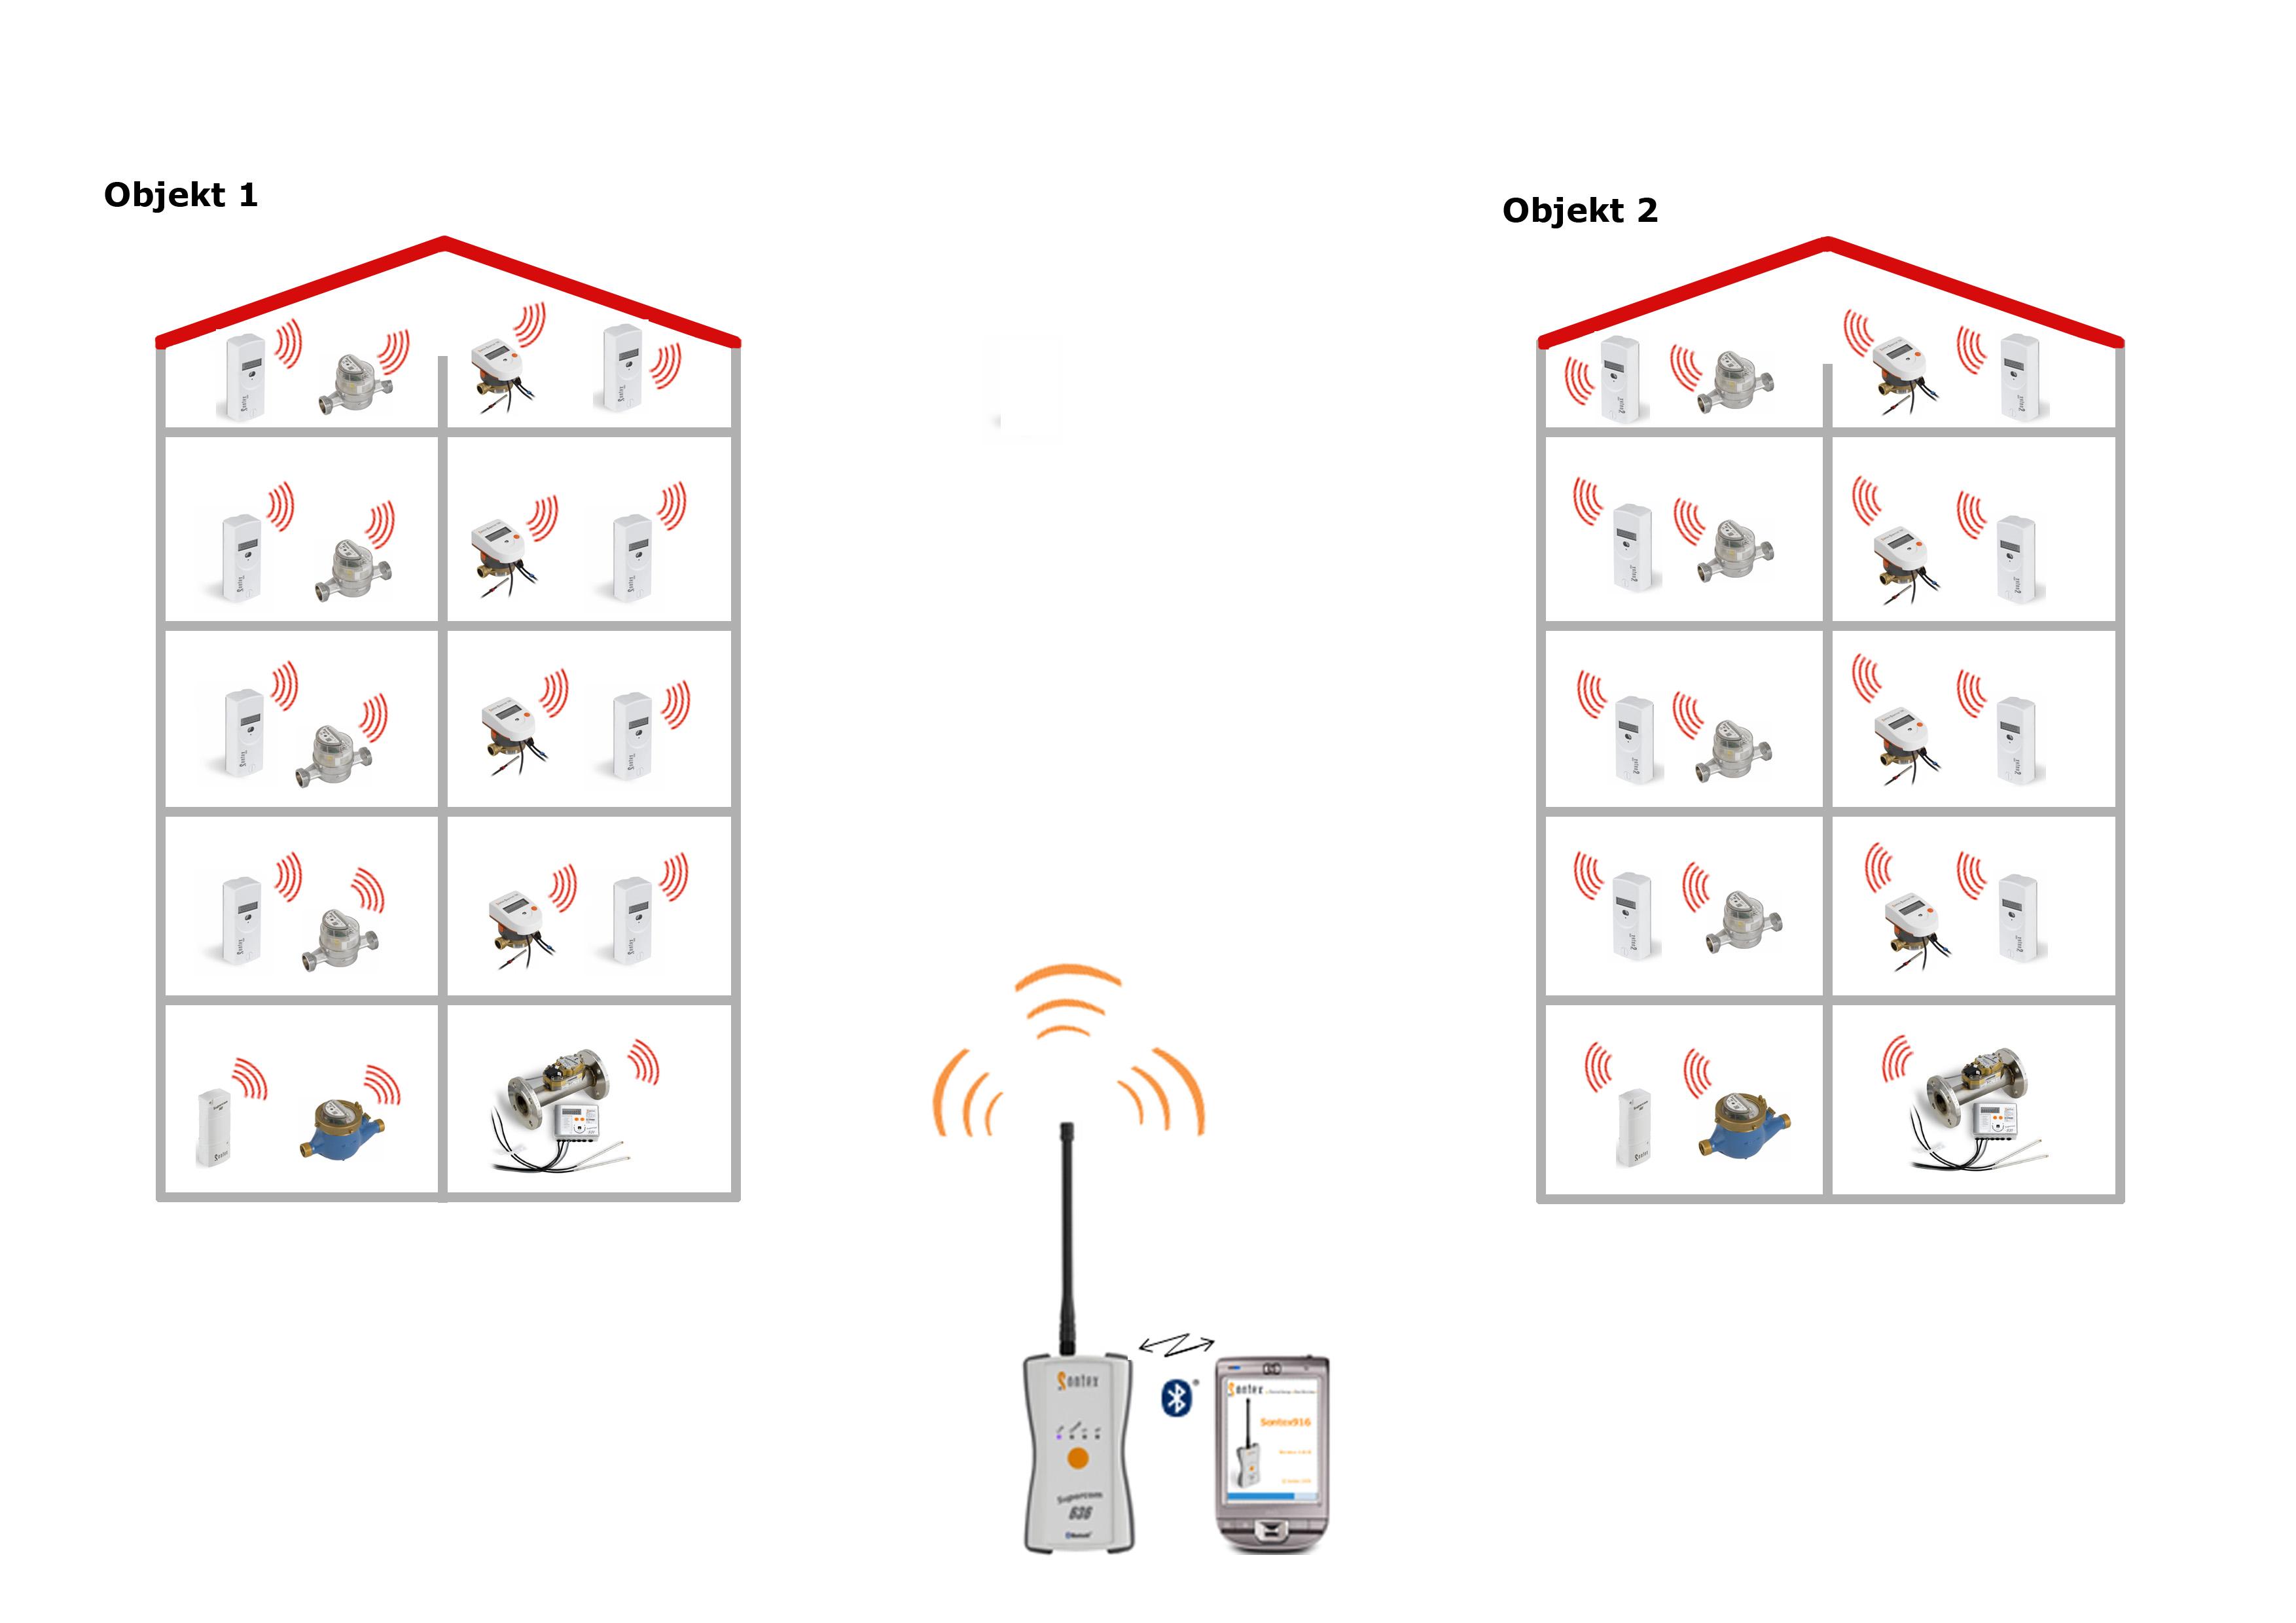 sontex-supercom-schema-zberu-dat-pochodzkovym-systemom-pomocou-radiomode